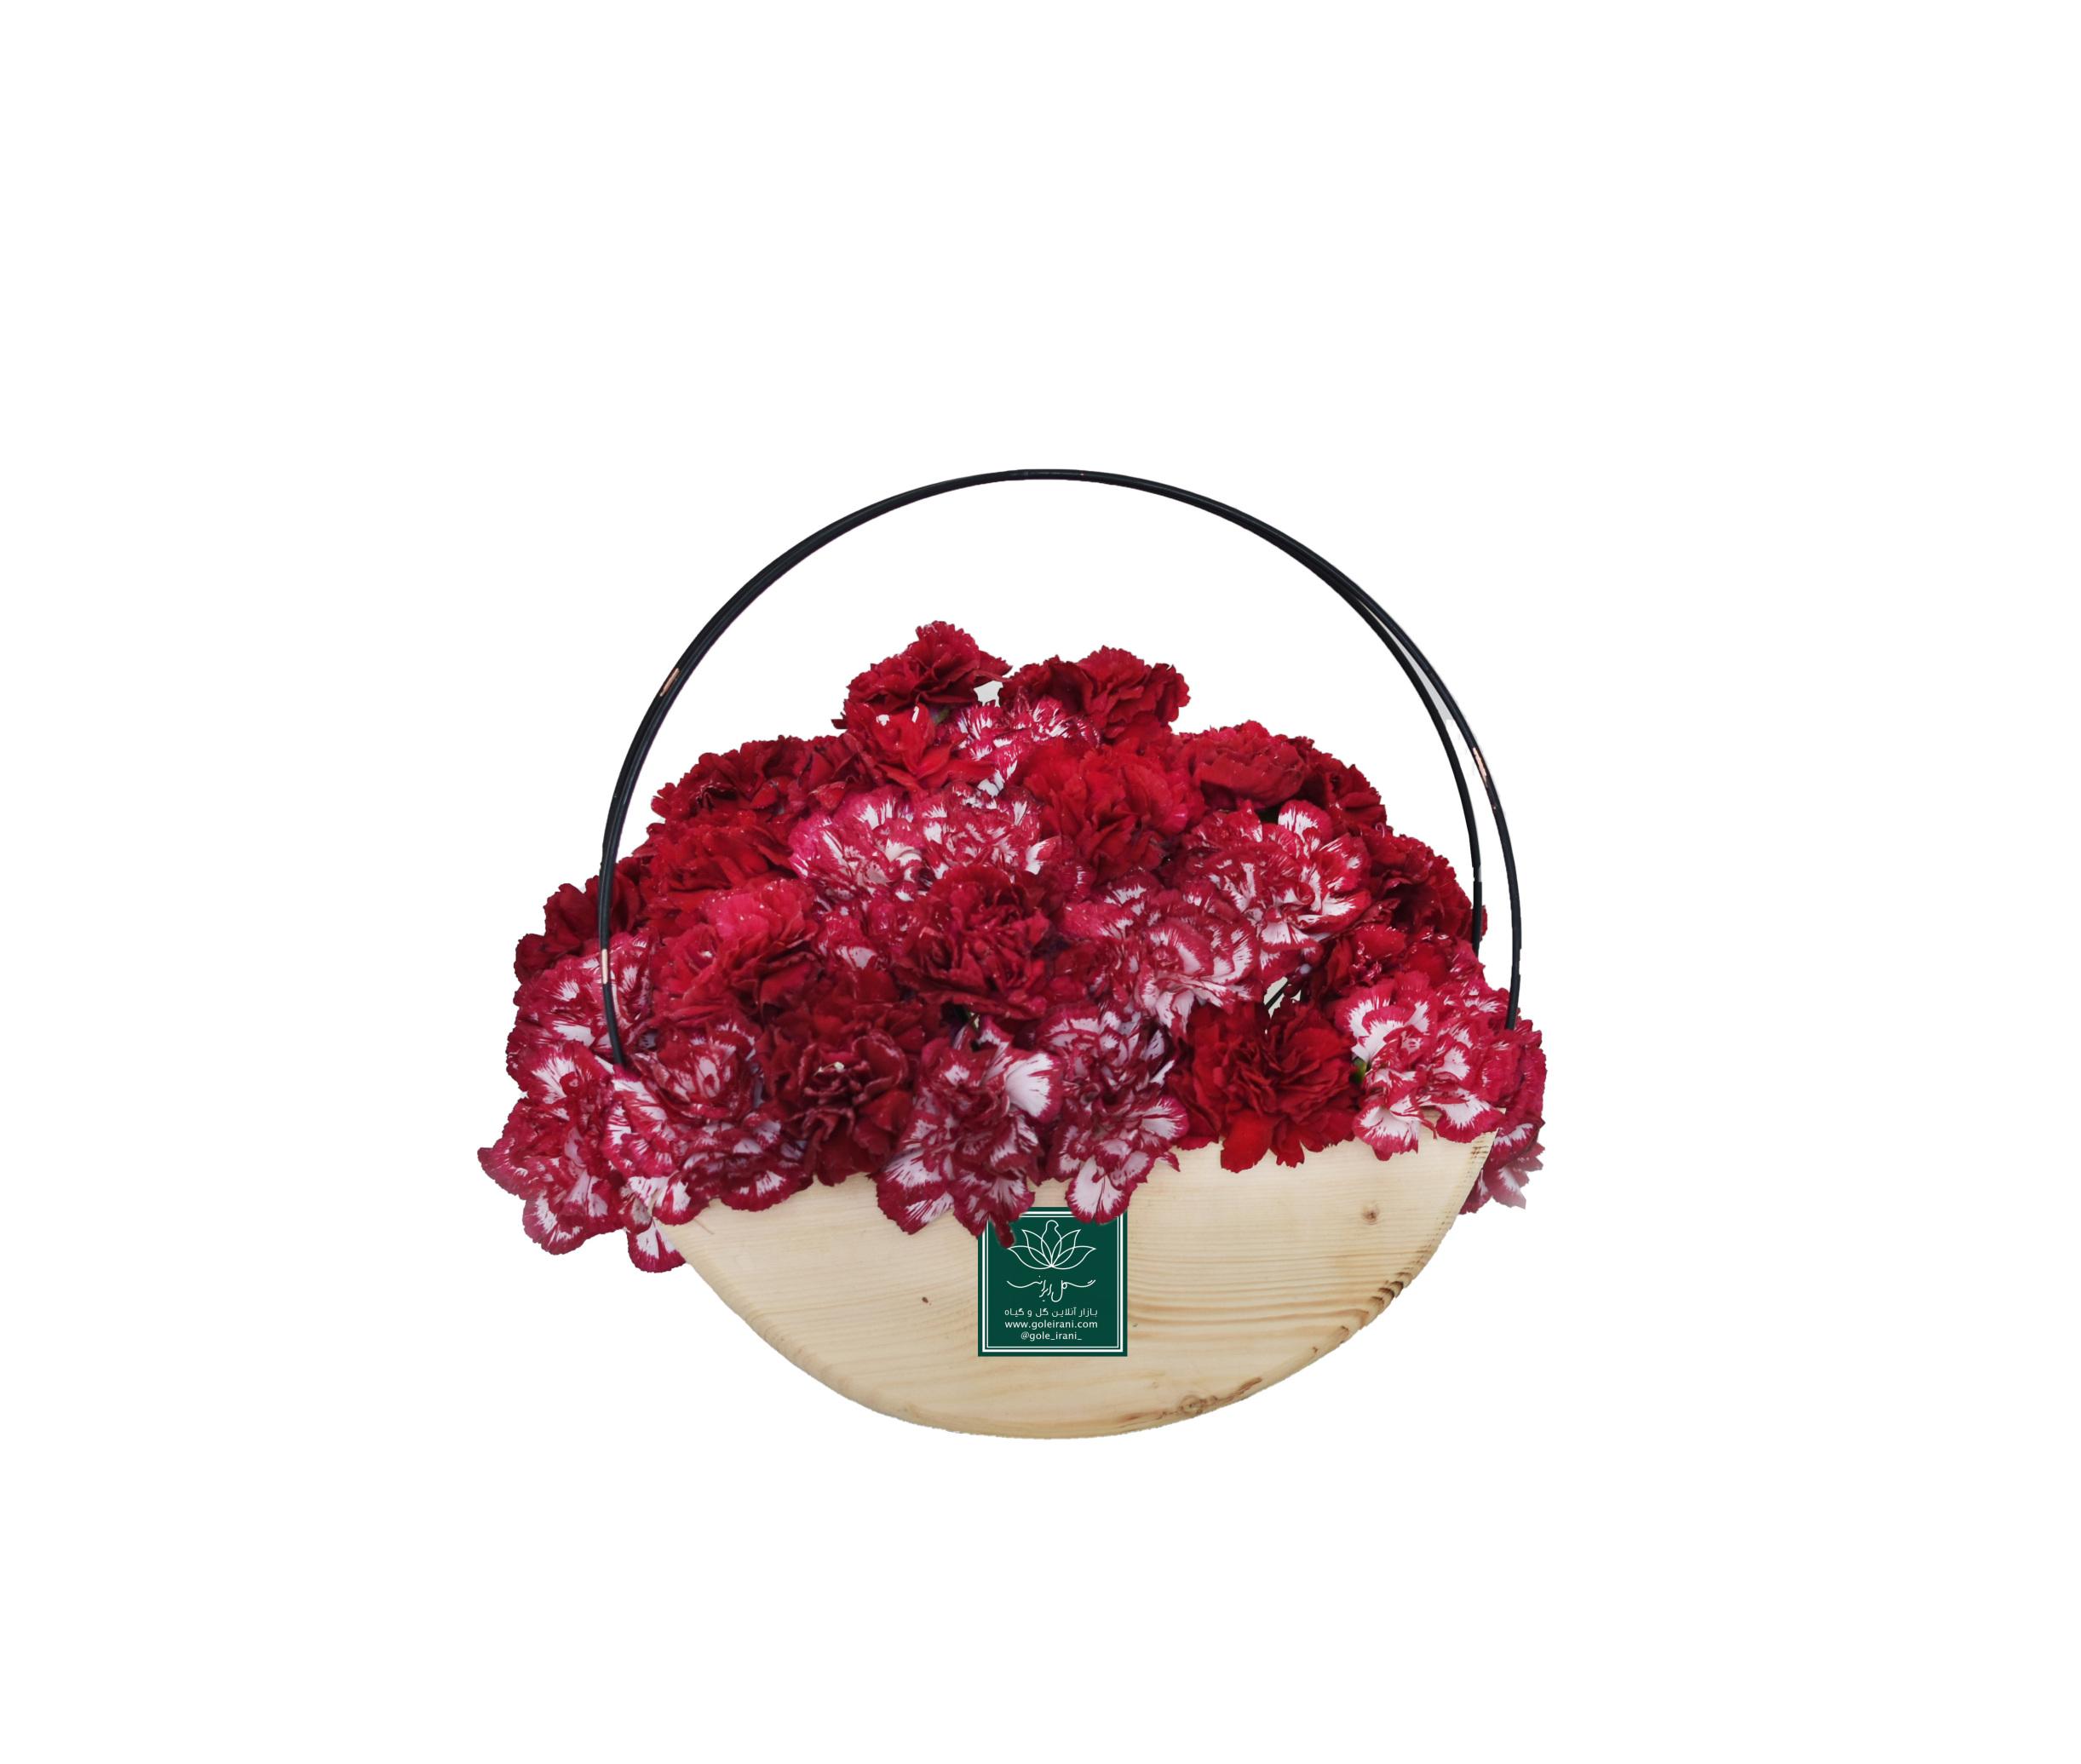 خرید و قیمت باکس گل سروش سفارش باکس گل میخک باکس گل ارزان سفارش باکس گل با ارسال رایگان گل ایرانی بازار گل و گیاه